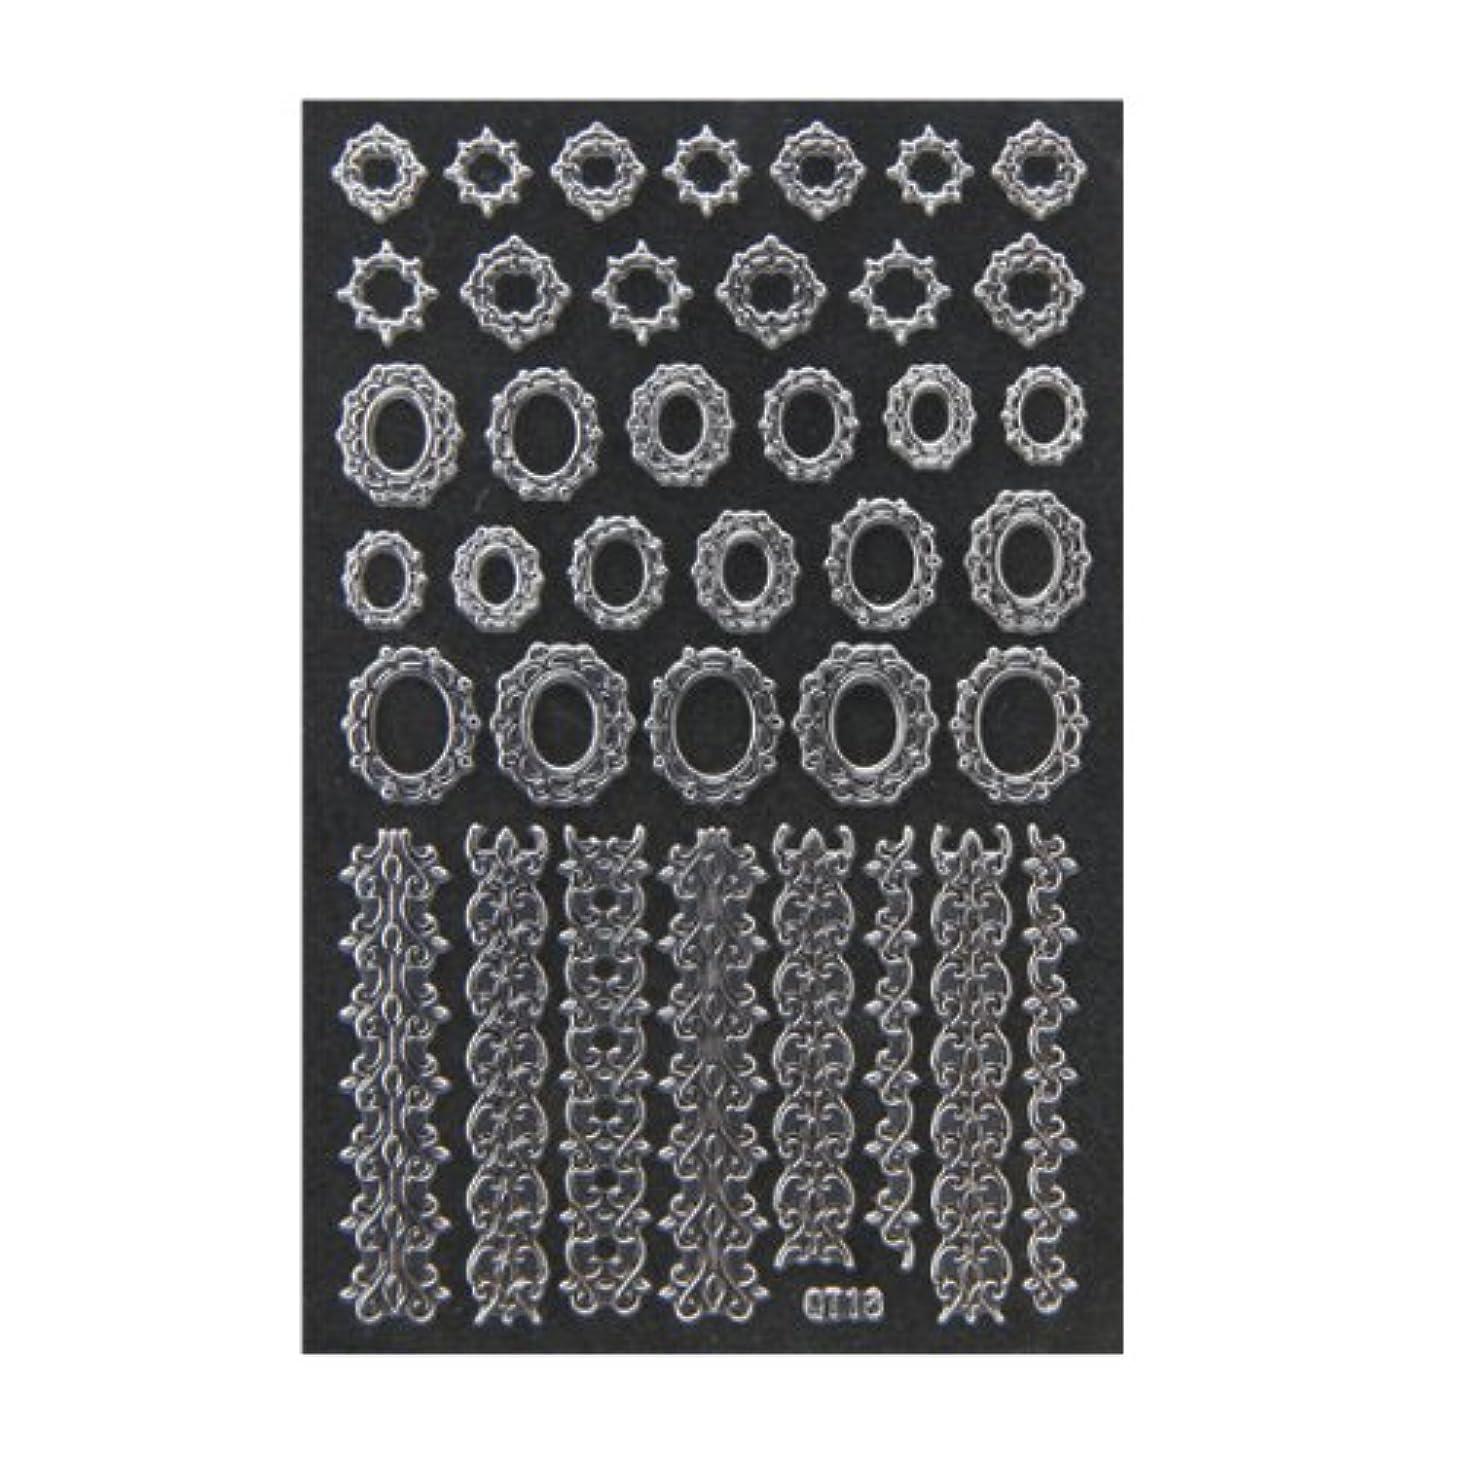 バックグリップ書き出すネイルシール 3D ネイルシート ファッションネイル メタリックシール42 (ネイル用品)